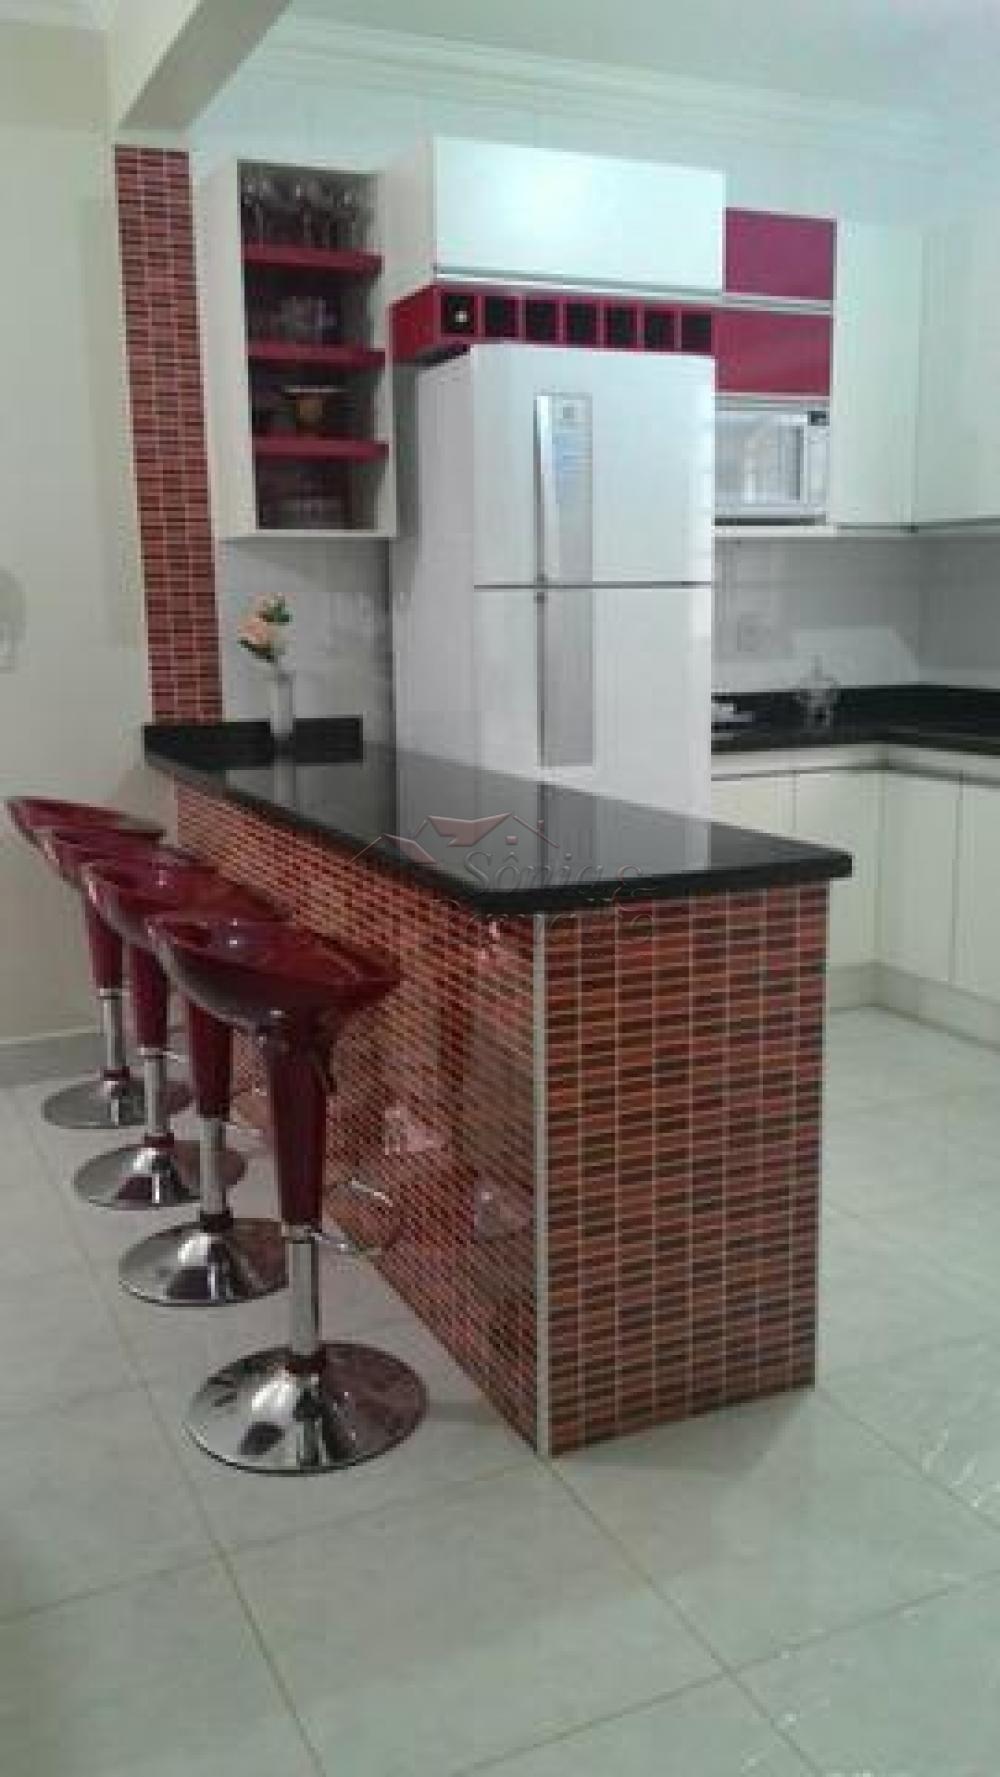 Comprar Casas / Padrão em Ribeirão Preto apenas R$ 550.000,00 - Foto 16